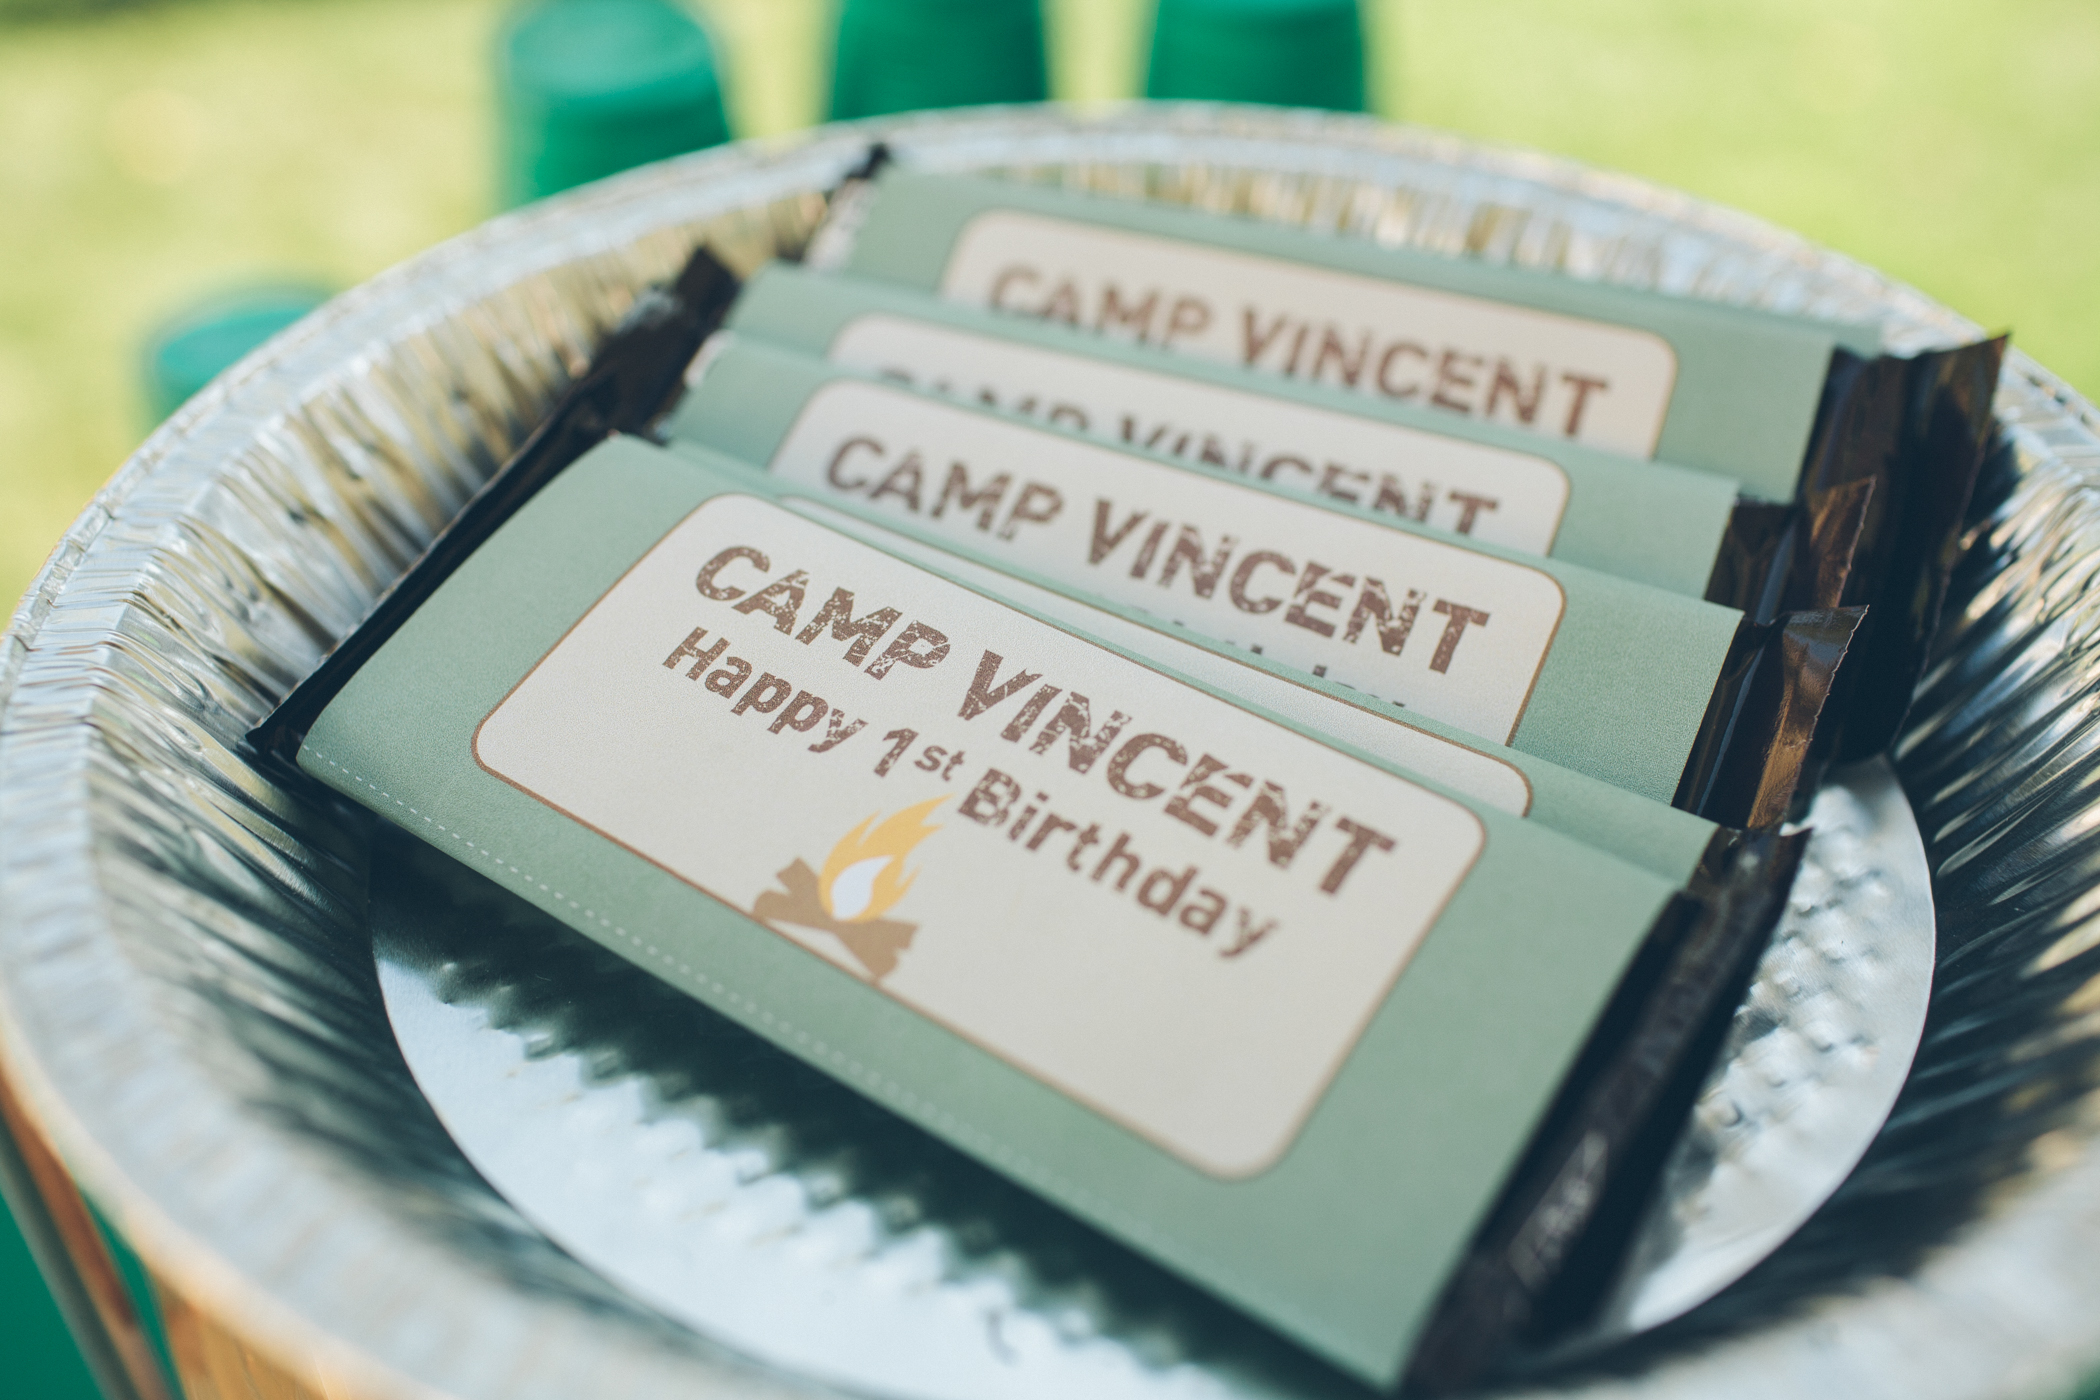 Vincent-002.jpg